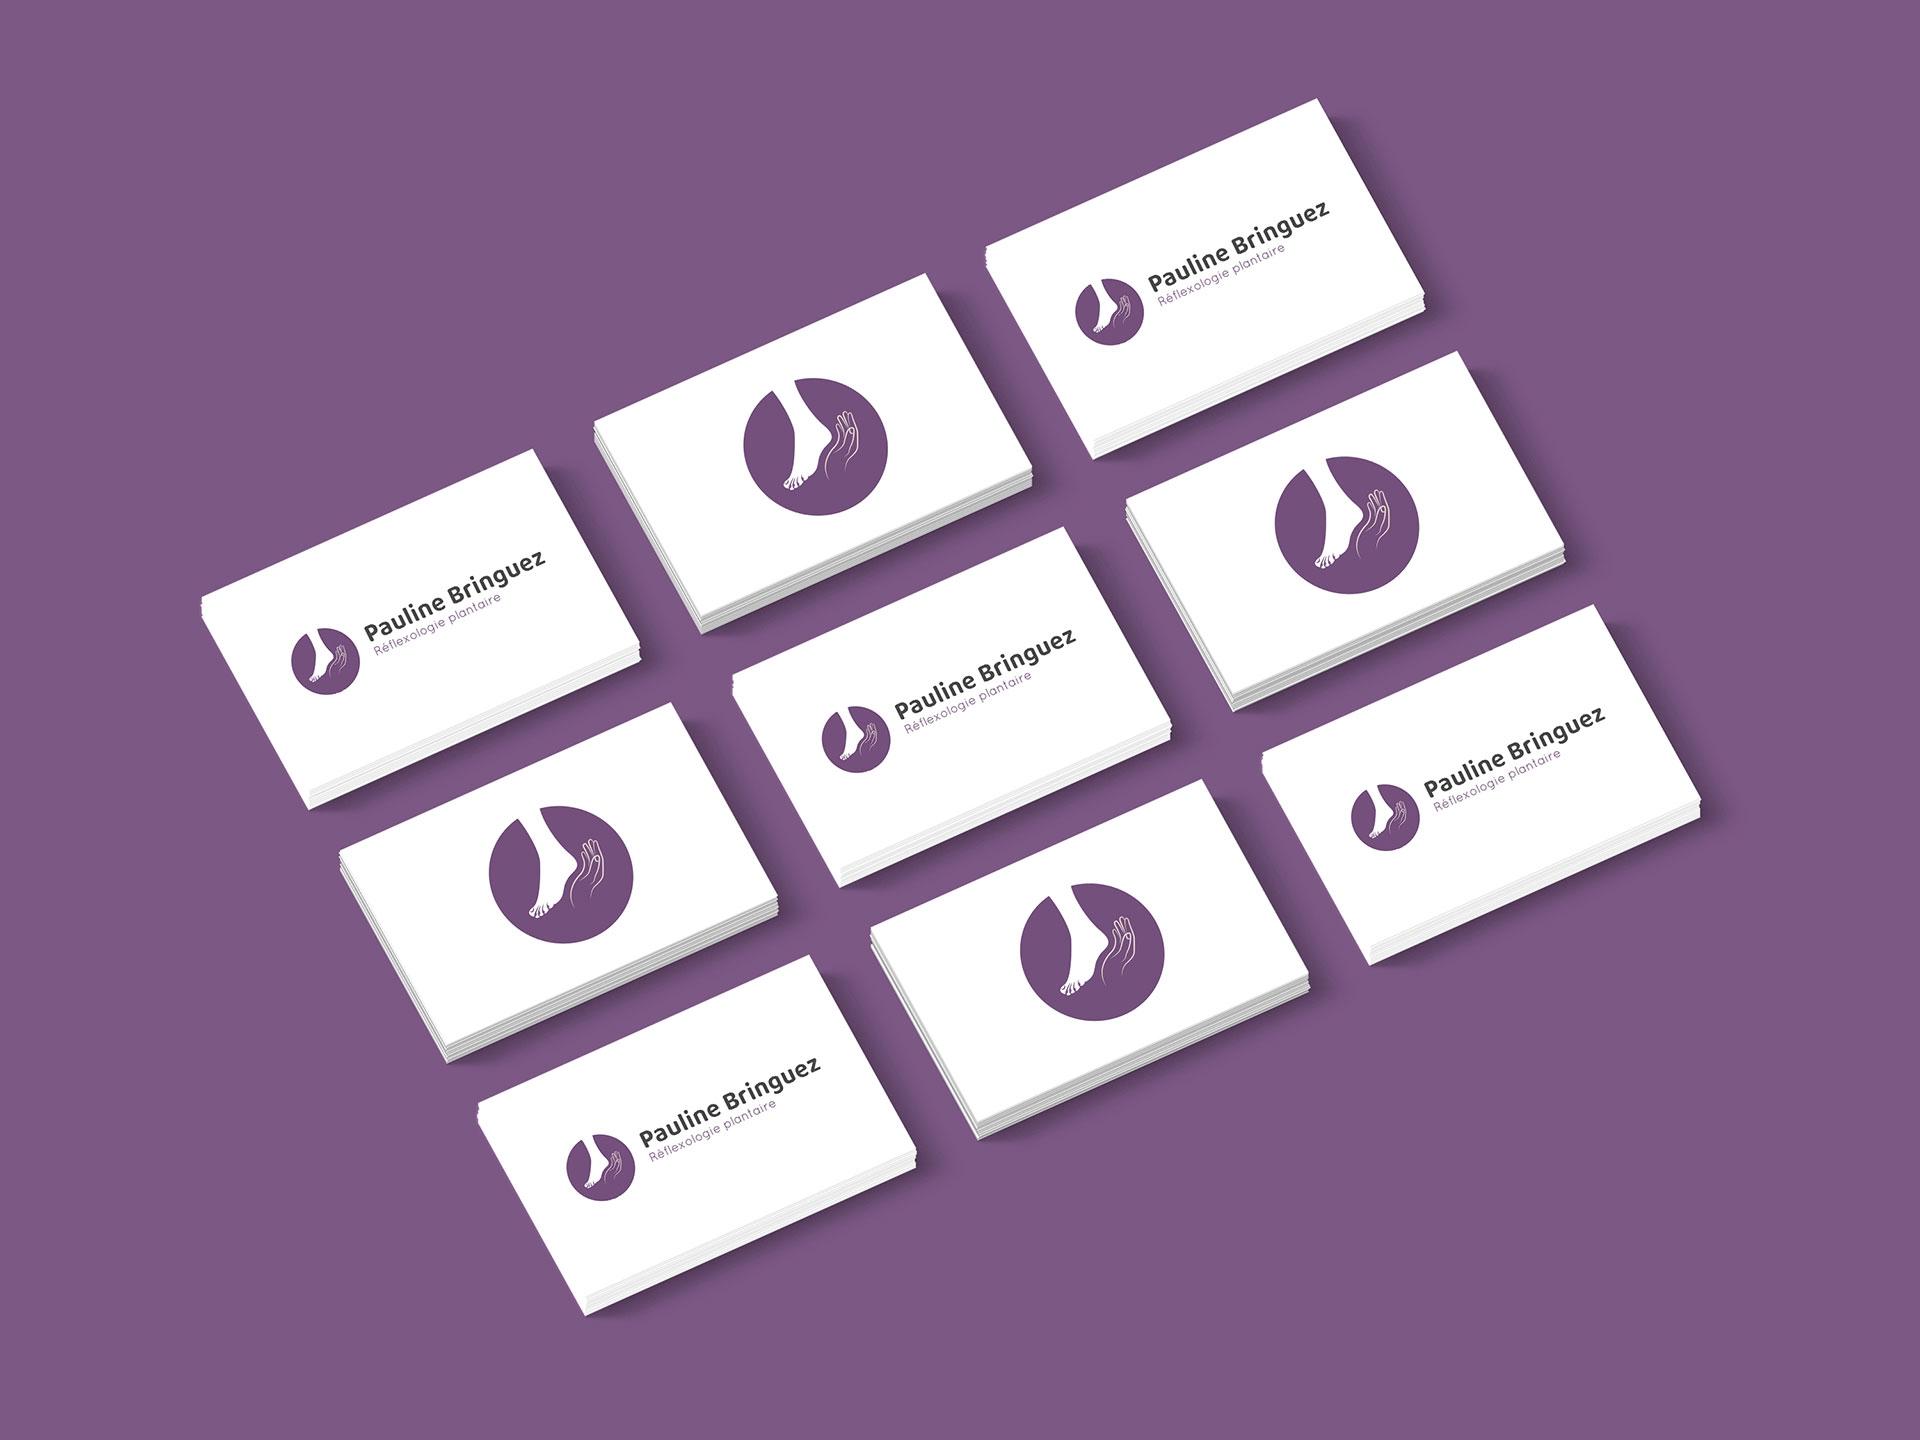 professionnels-print-identite-visuelle-pbreflexo-02